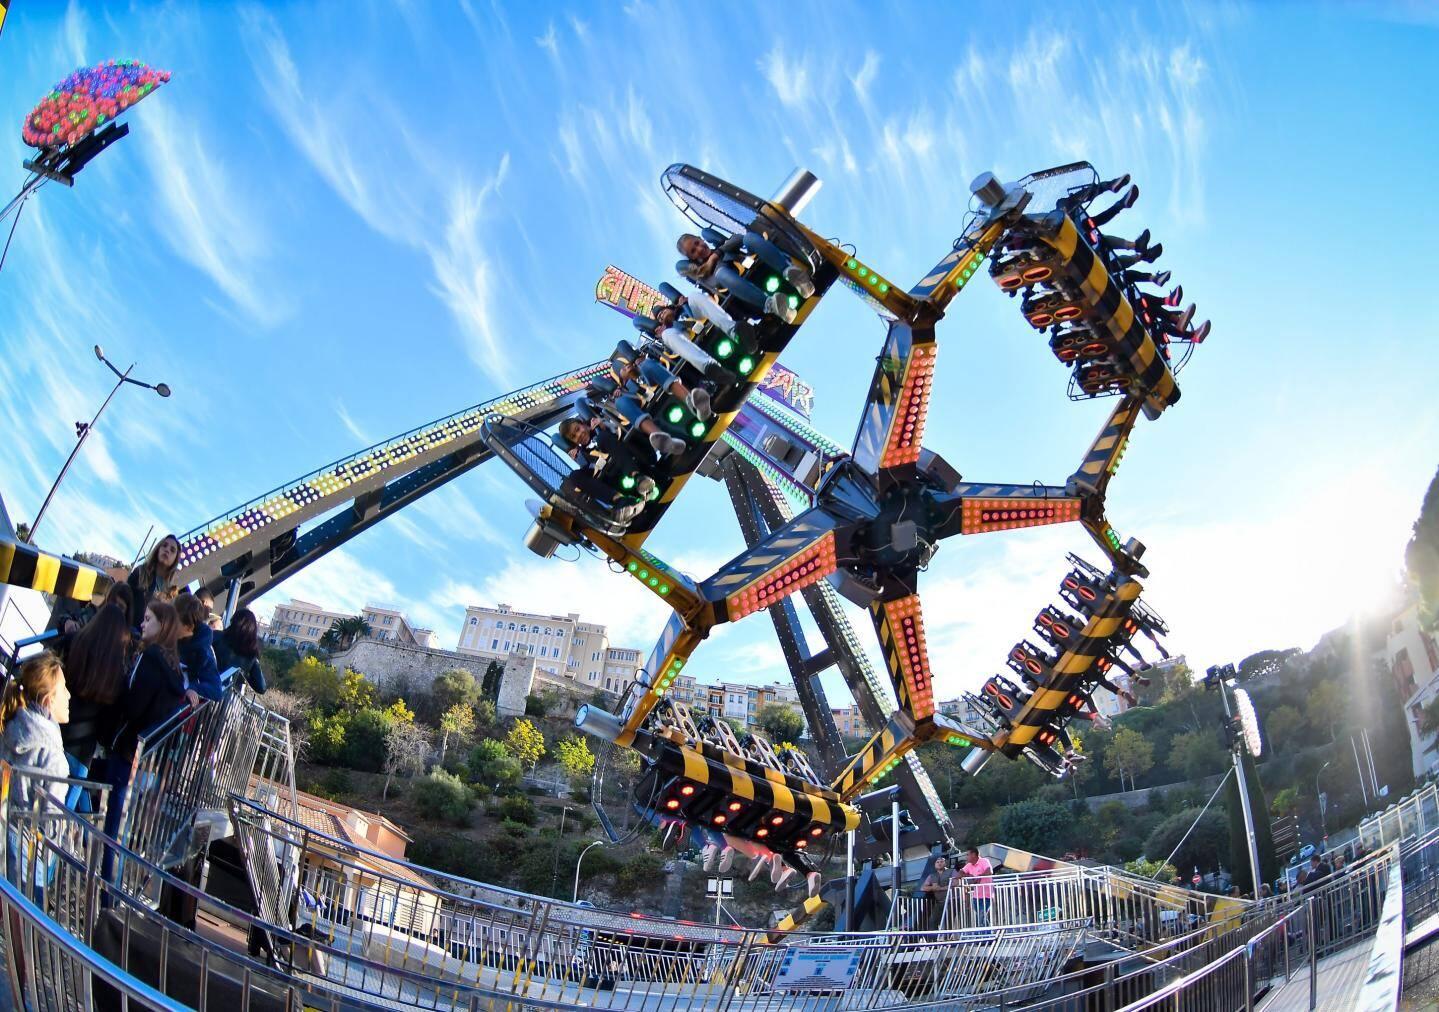 Le top 5 des attractions de la fête foraine Monaco 2017.